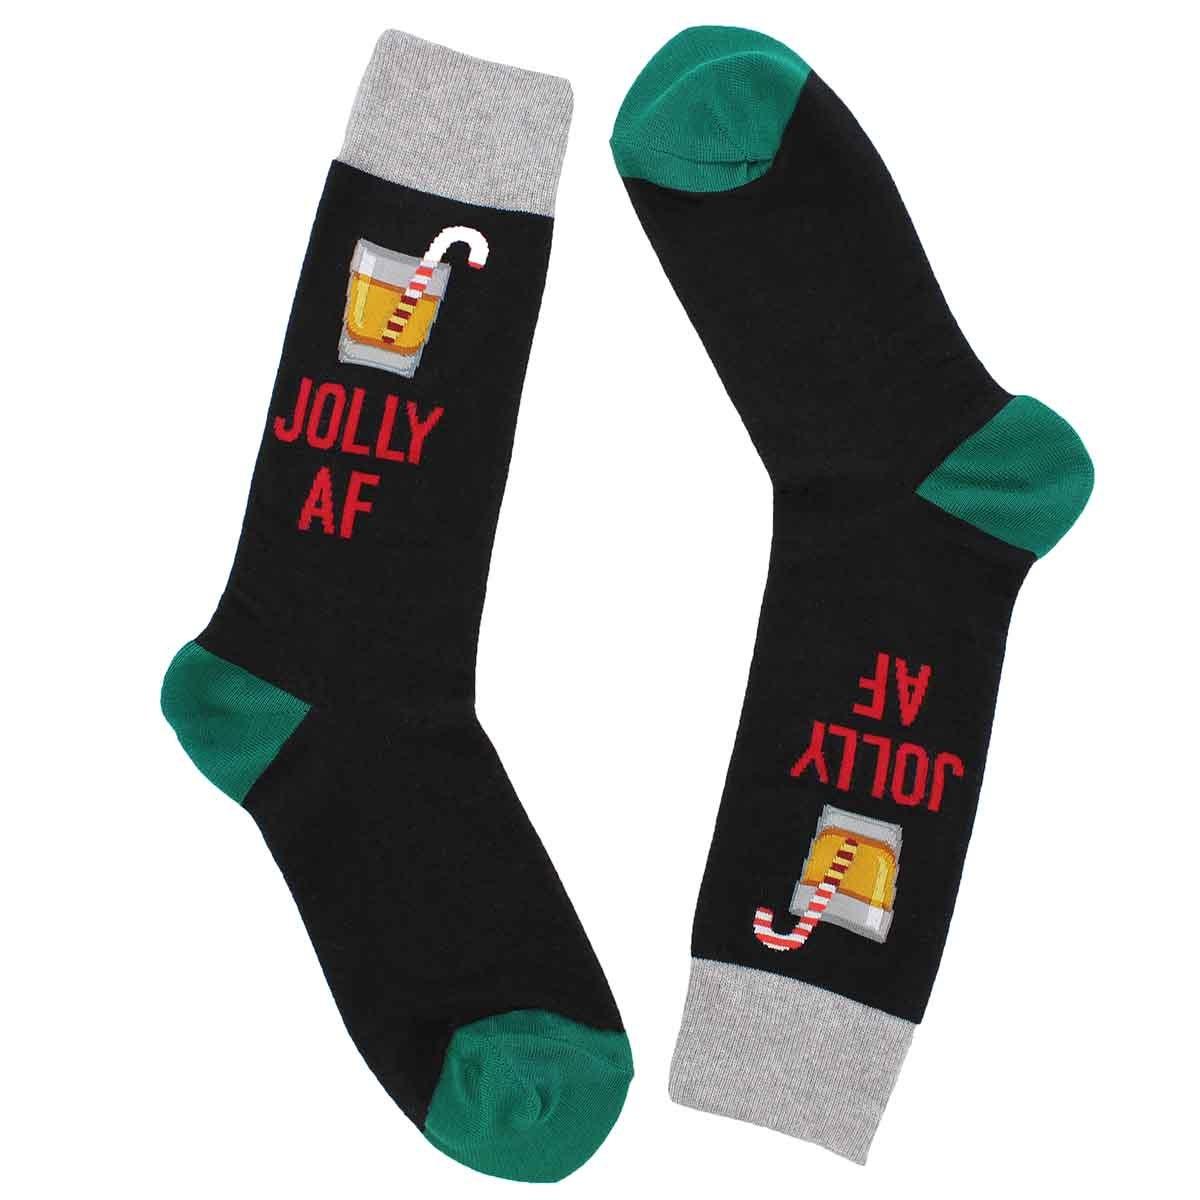 Mns Jolly AF black printed sock